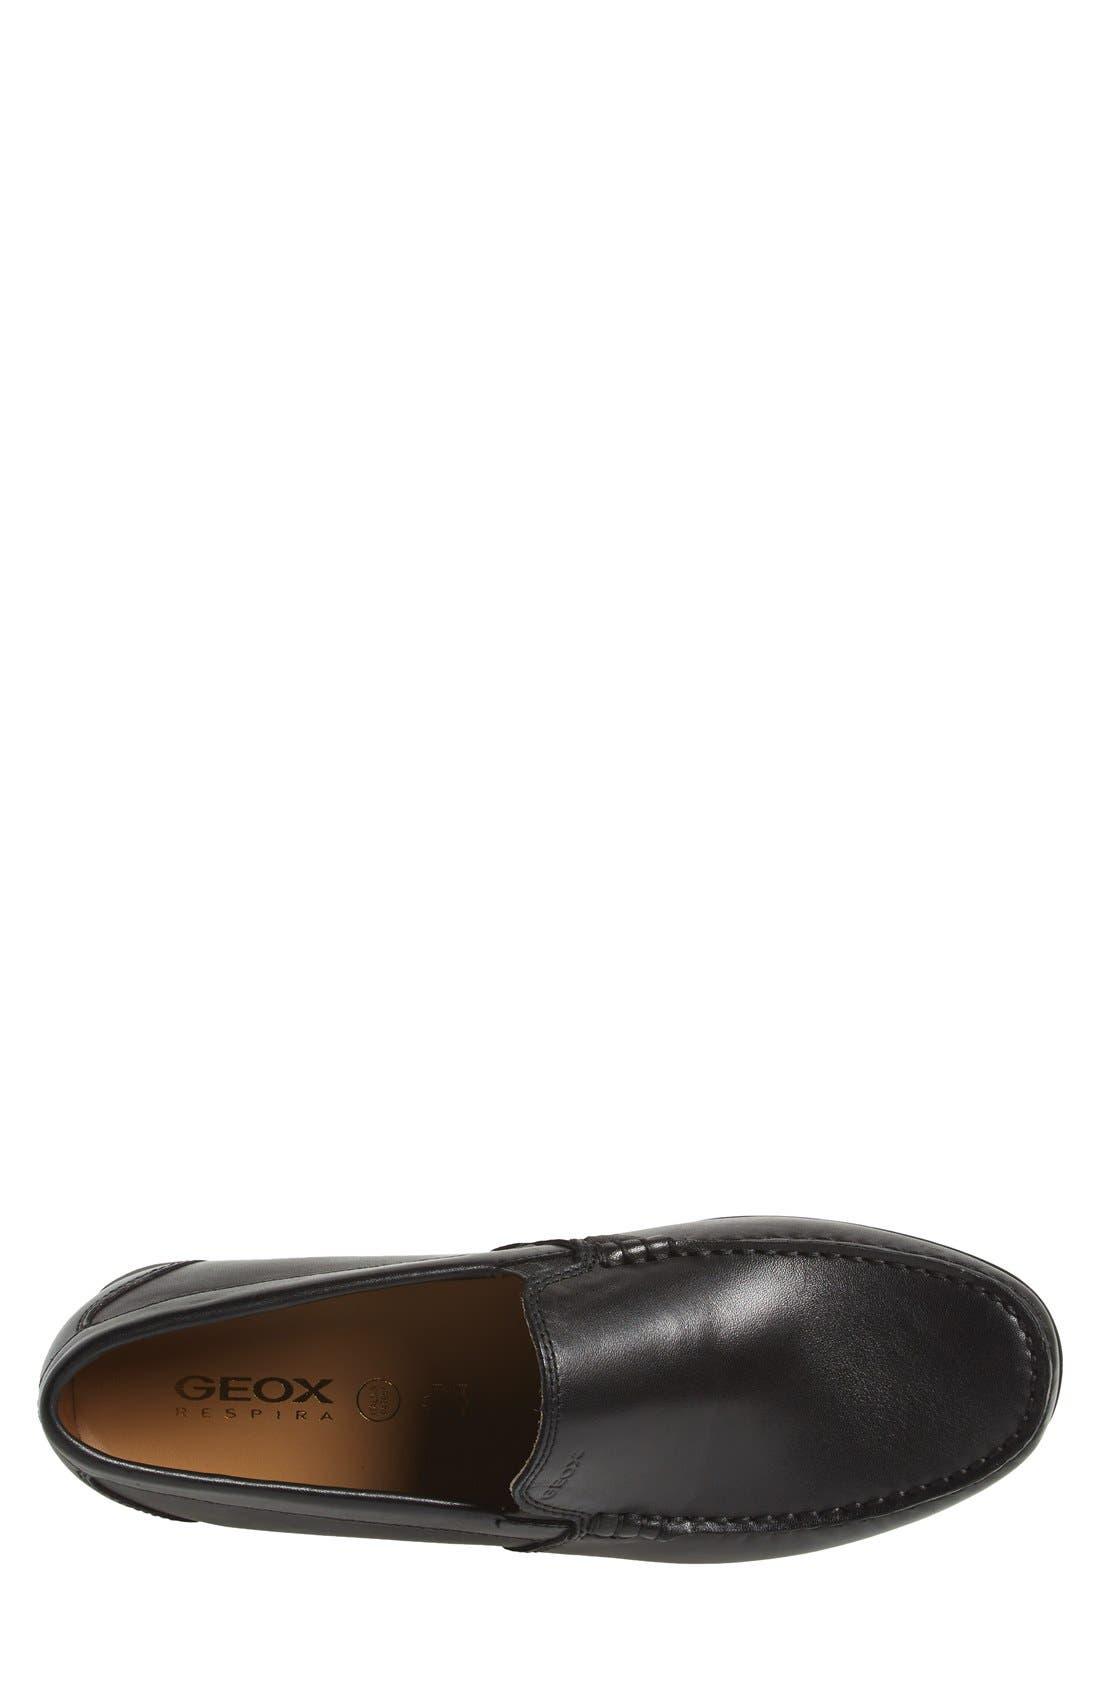 'Simon W2' Venetian Loafer,                             Alternate thumbnail 3, color,                             BLACK